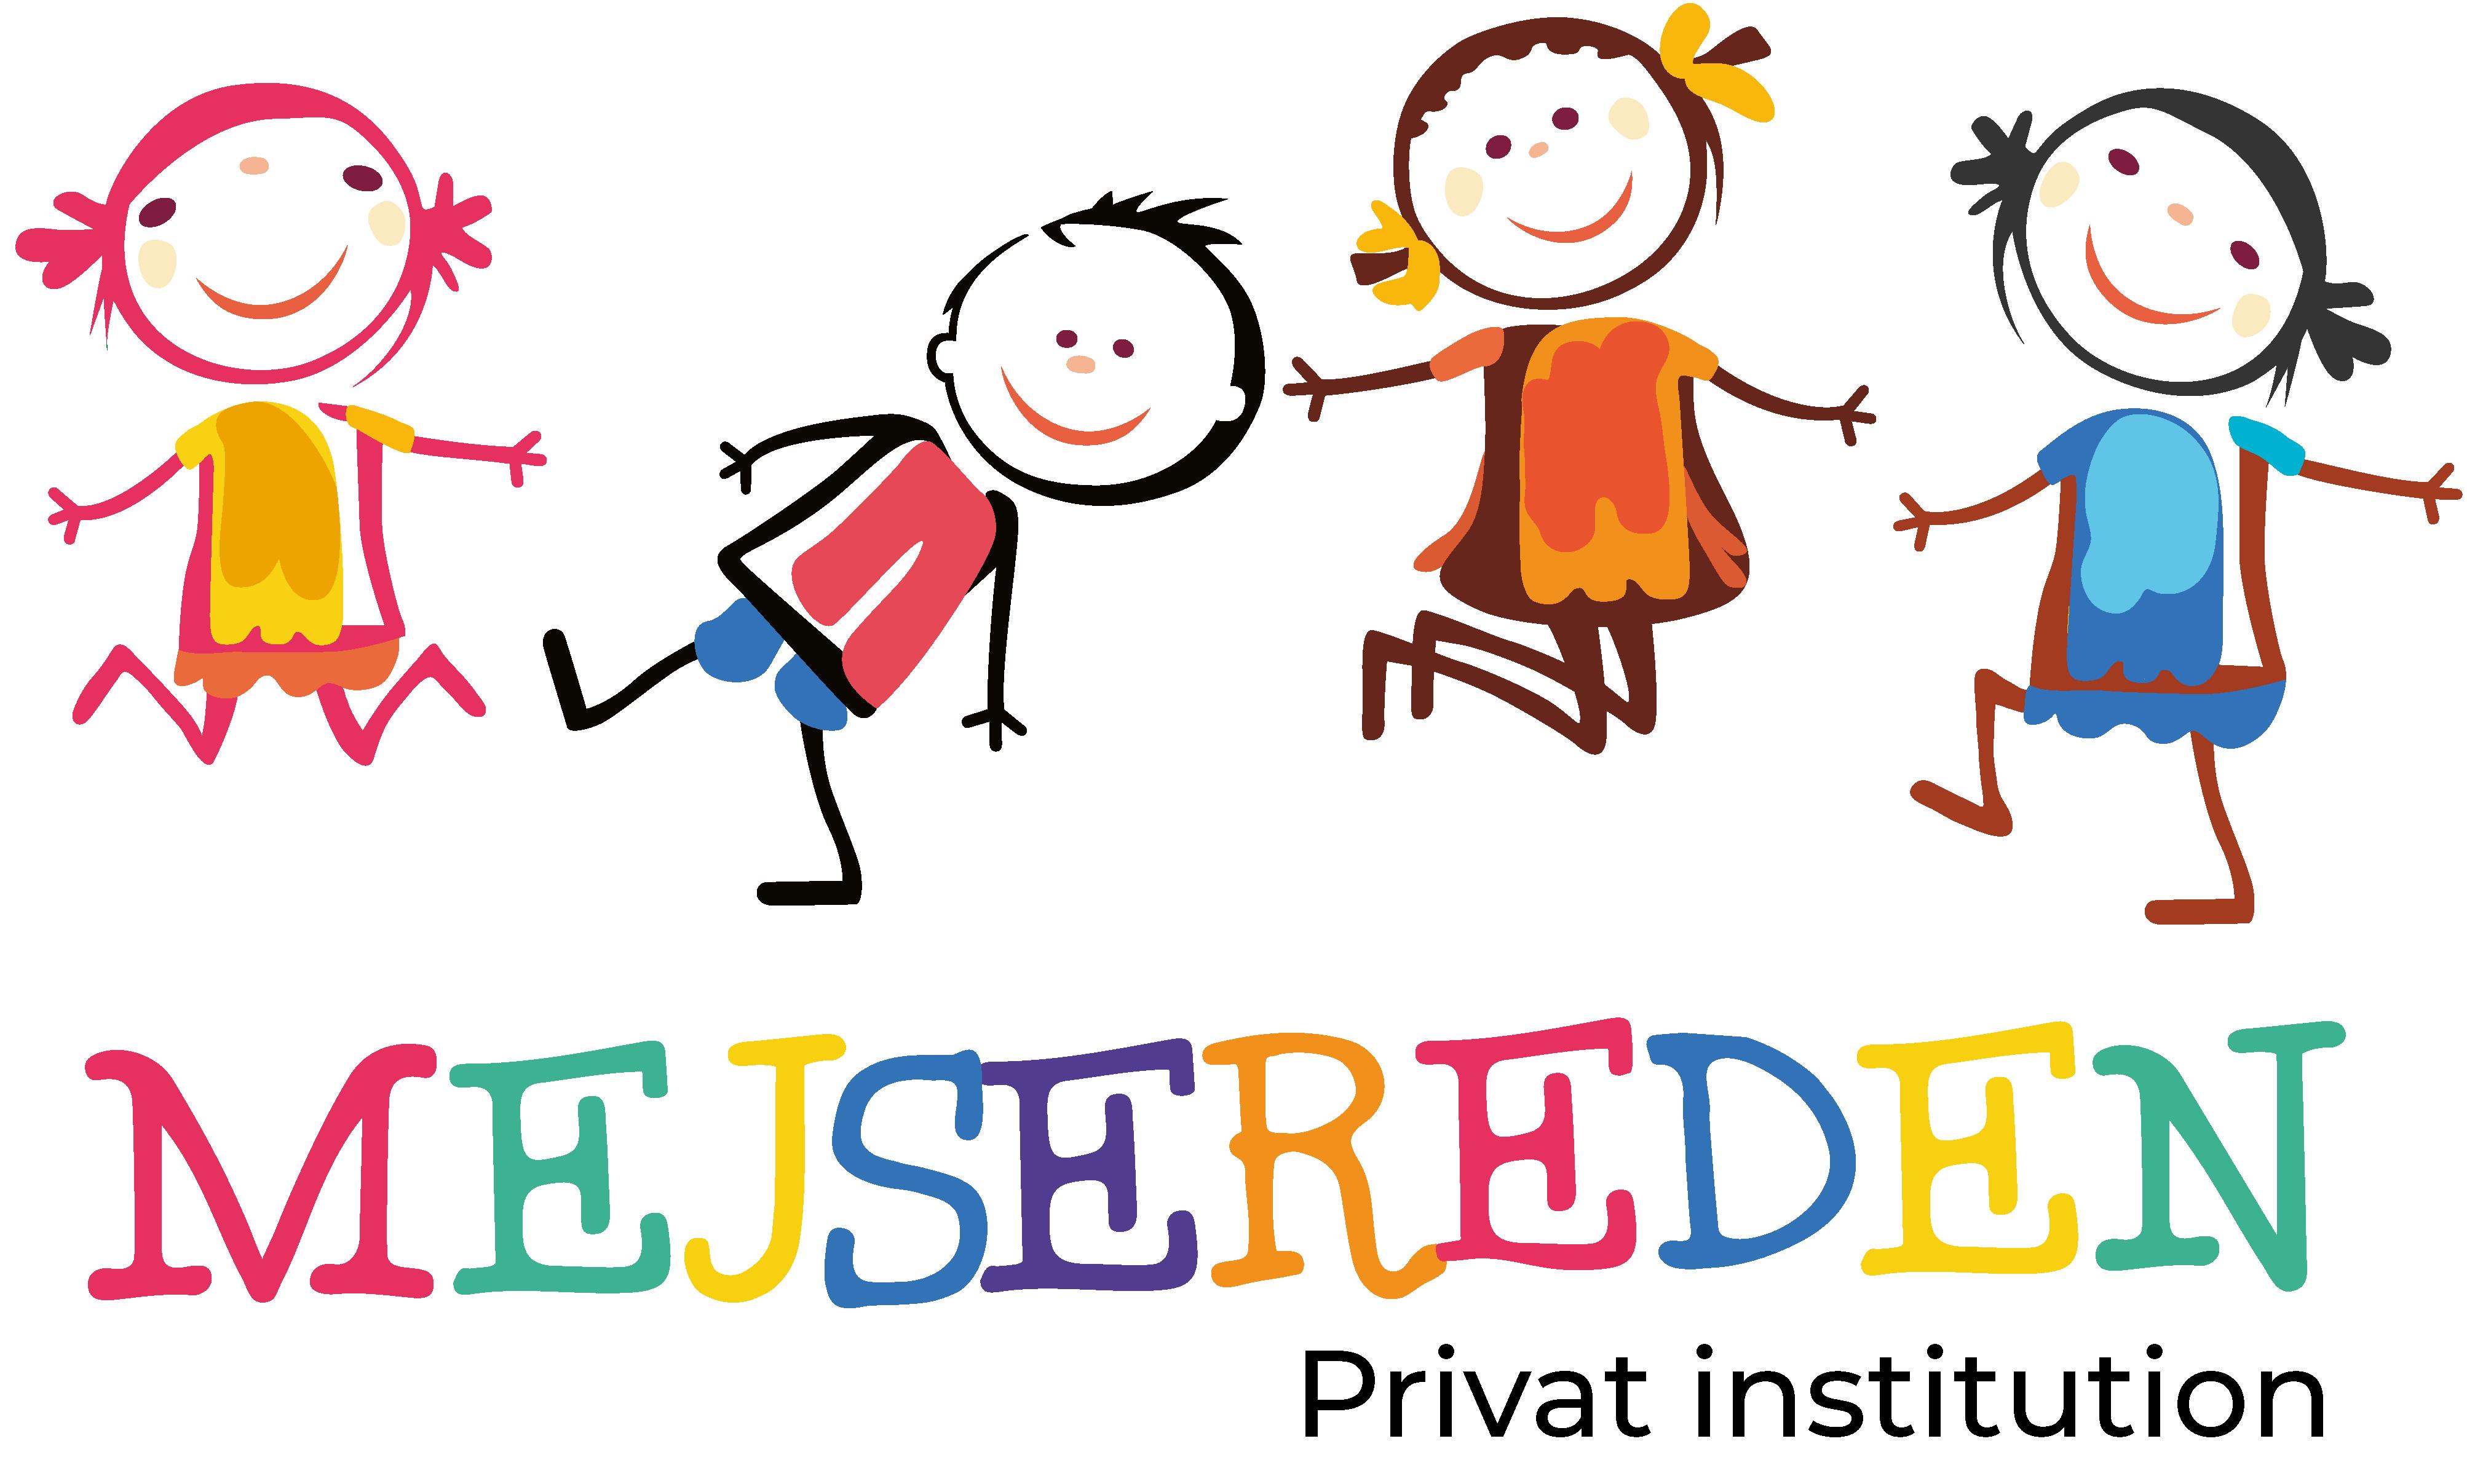 Mejsereden-logo